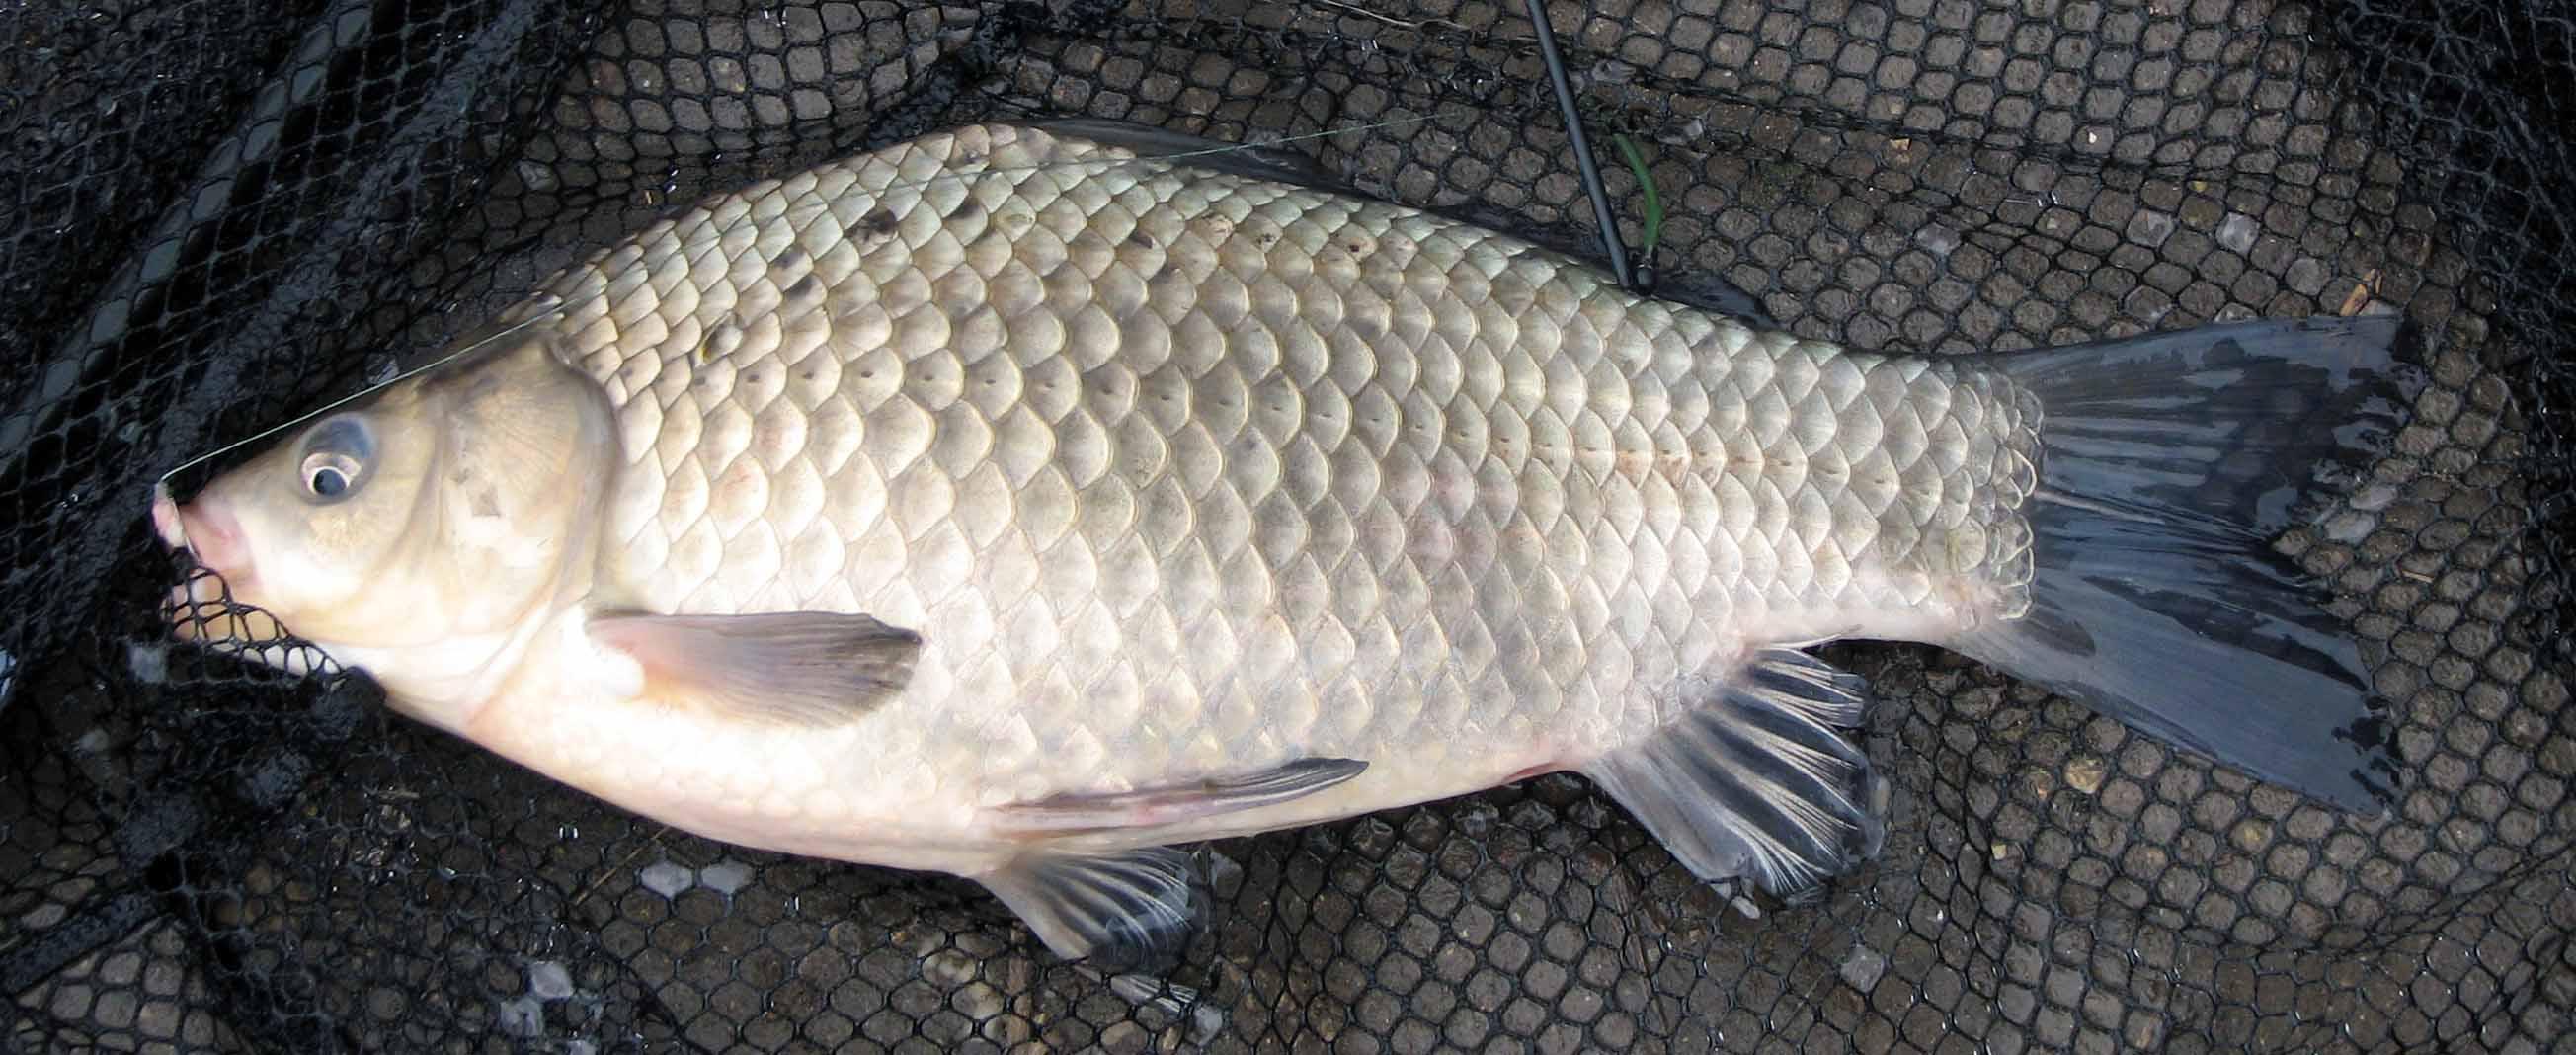 Kárász – tancsicsmuvelodesihaz.hu – horgászat, horgász blog